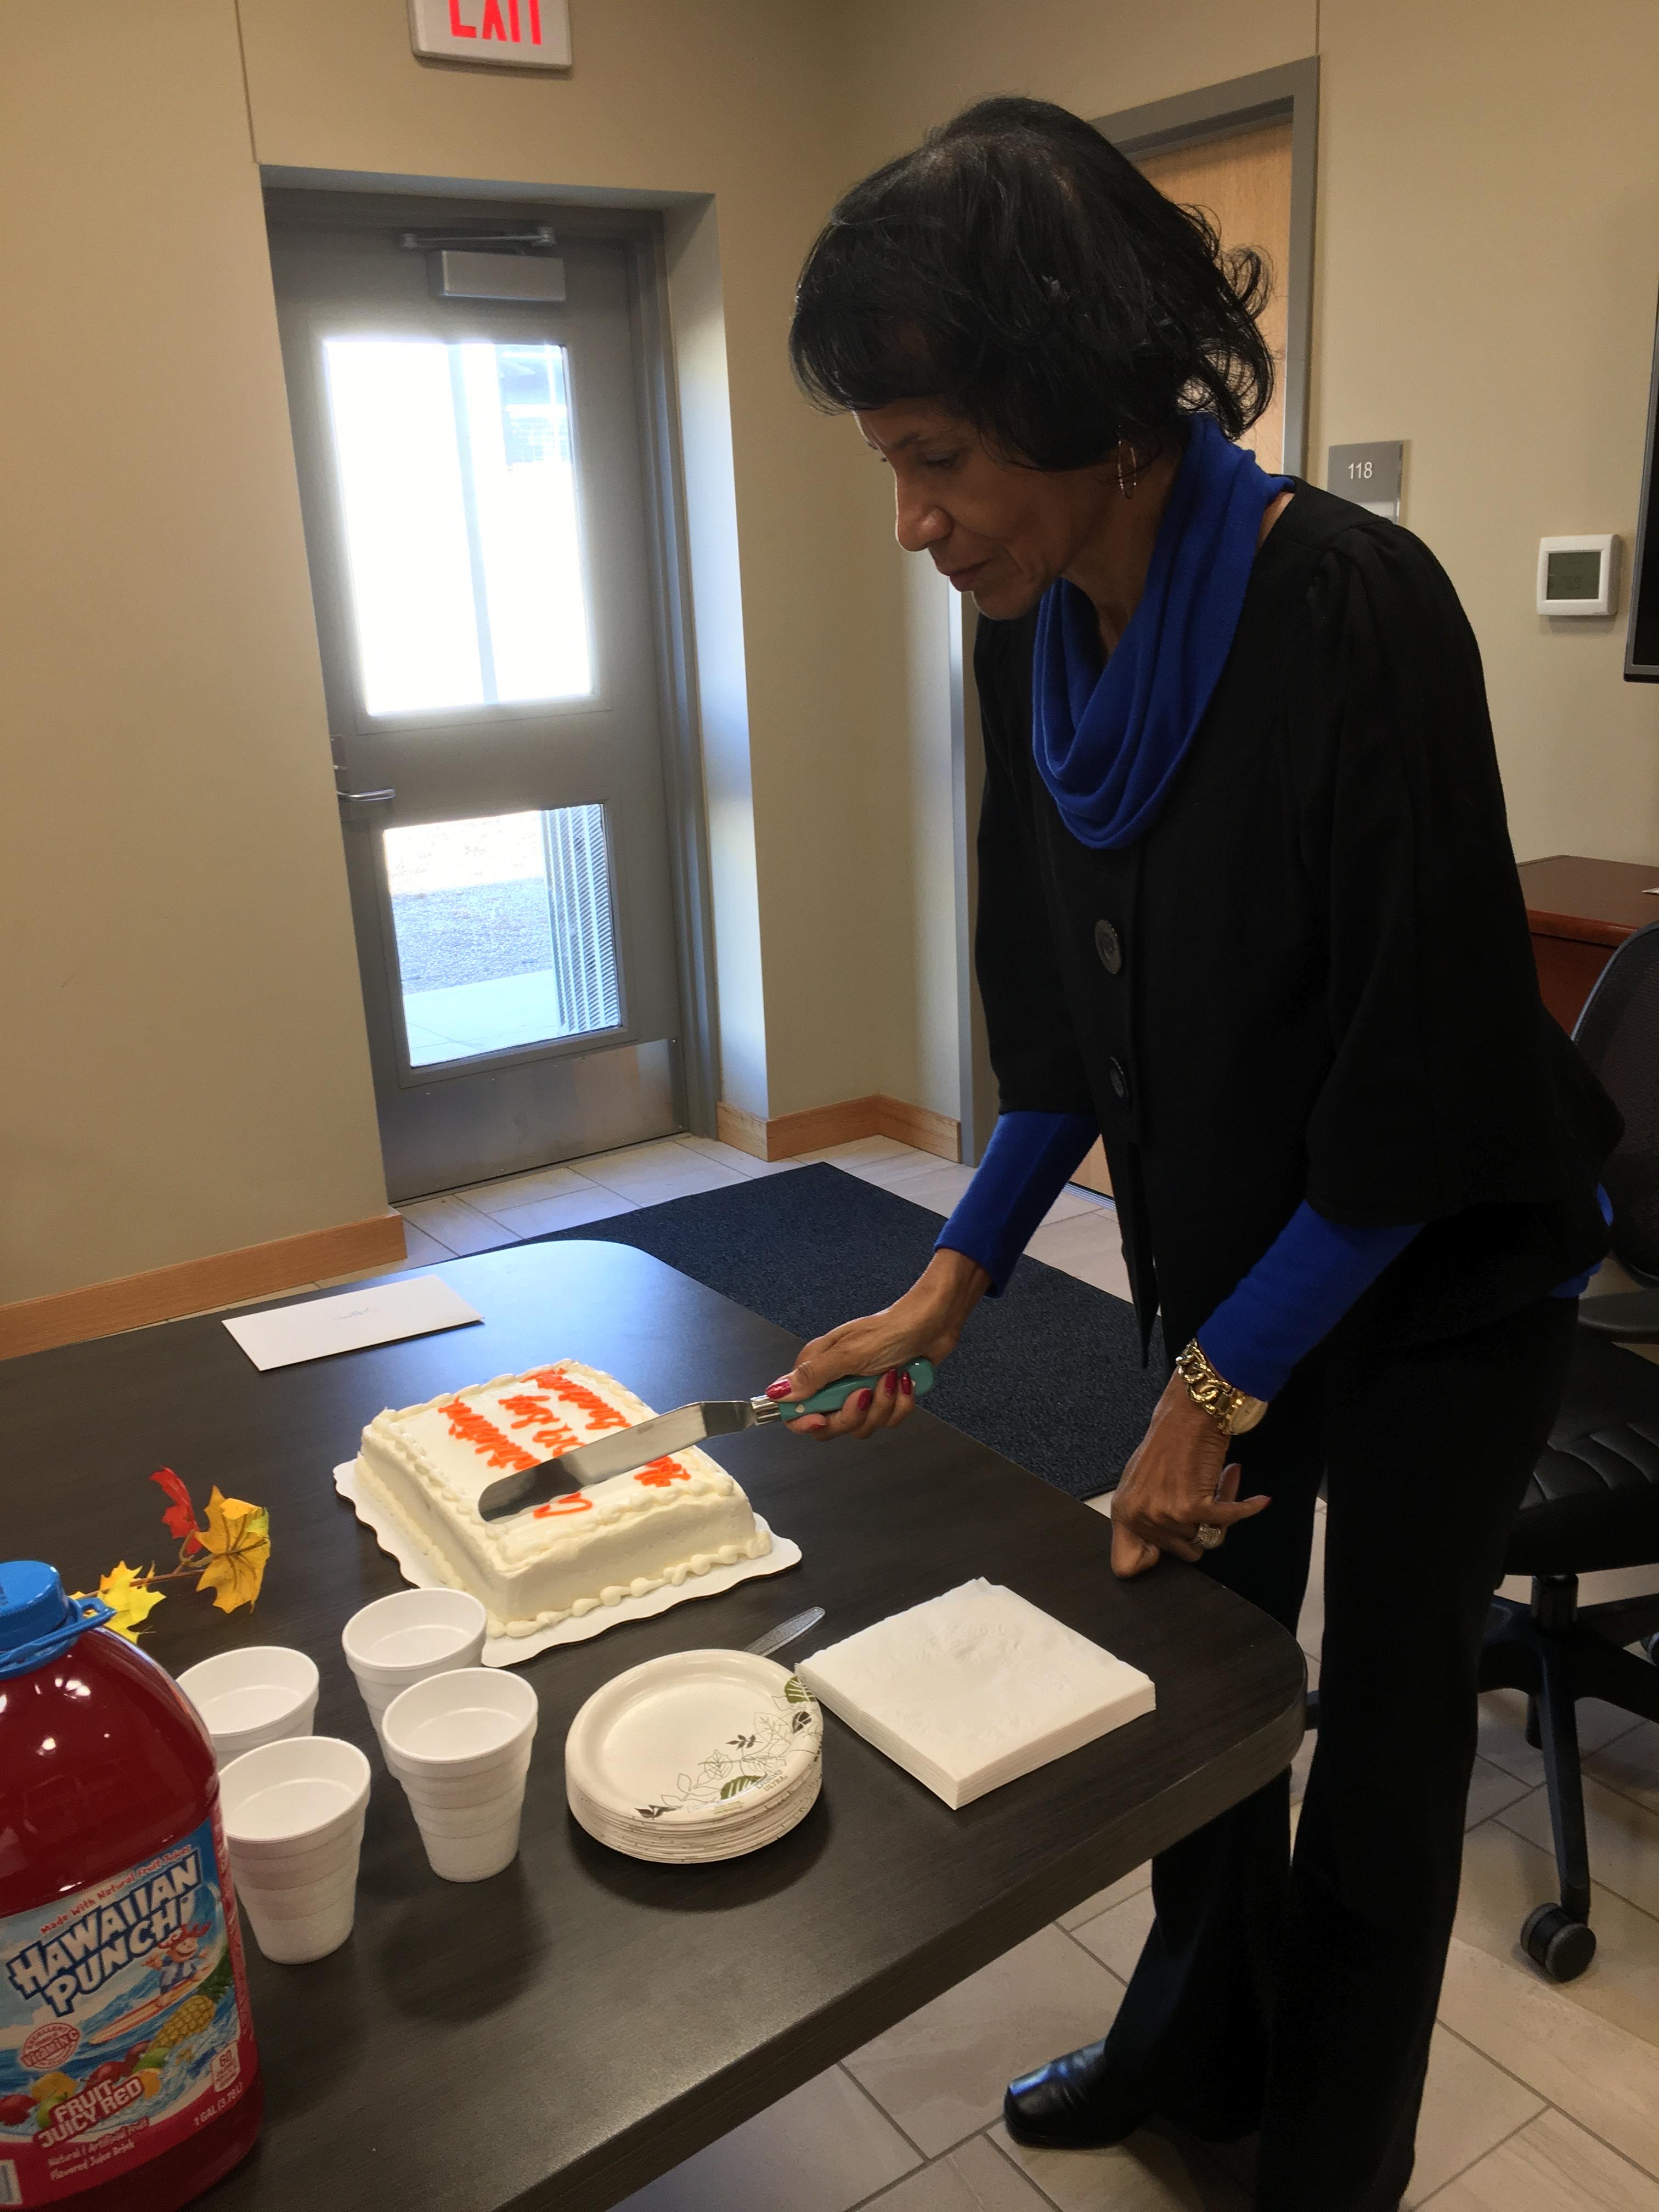 Denise slices the cake